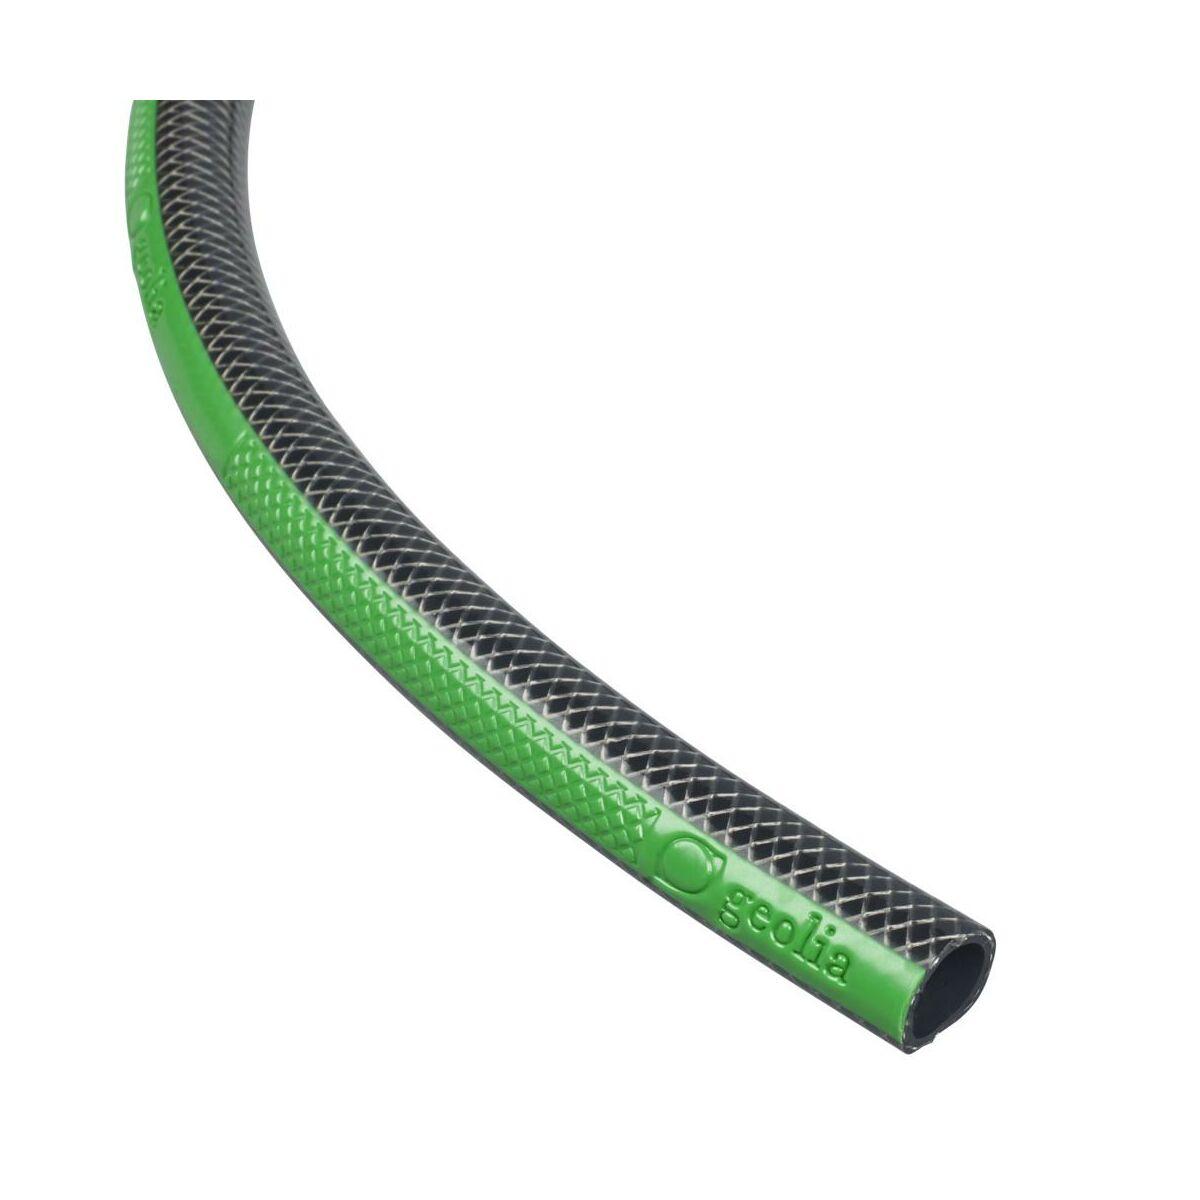 Podłączyć wąż ogrodowy